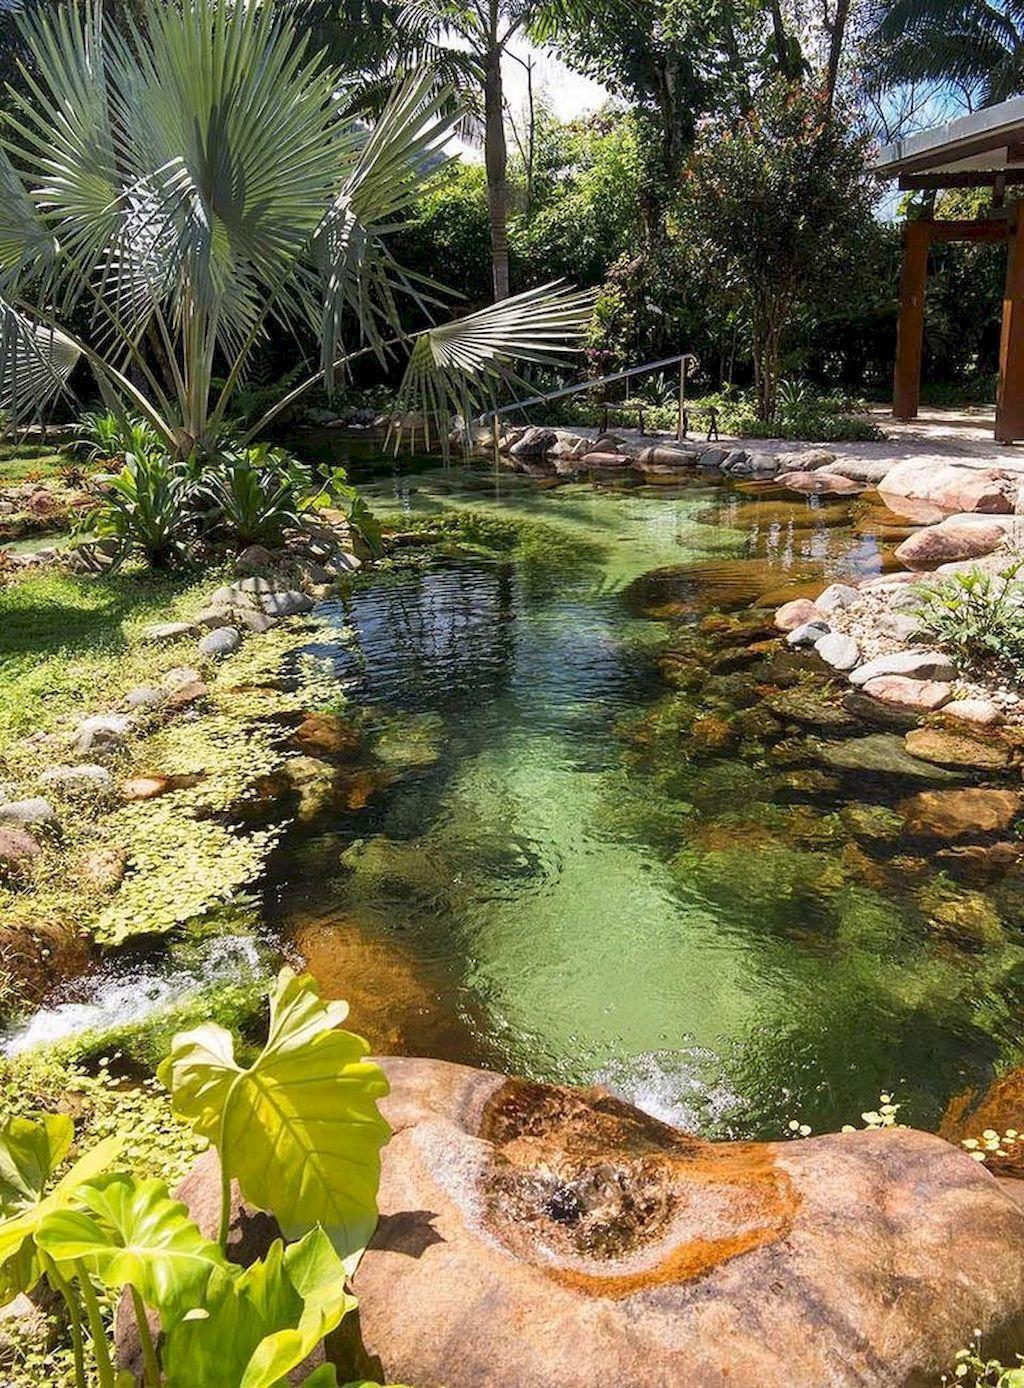 Construire Son Bassin De Jardin Épinglé par wendy meyer sur water features | jardin d'eau